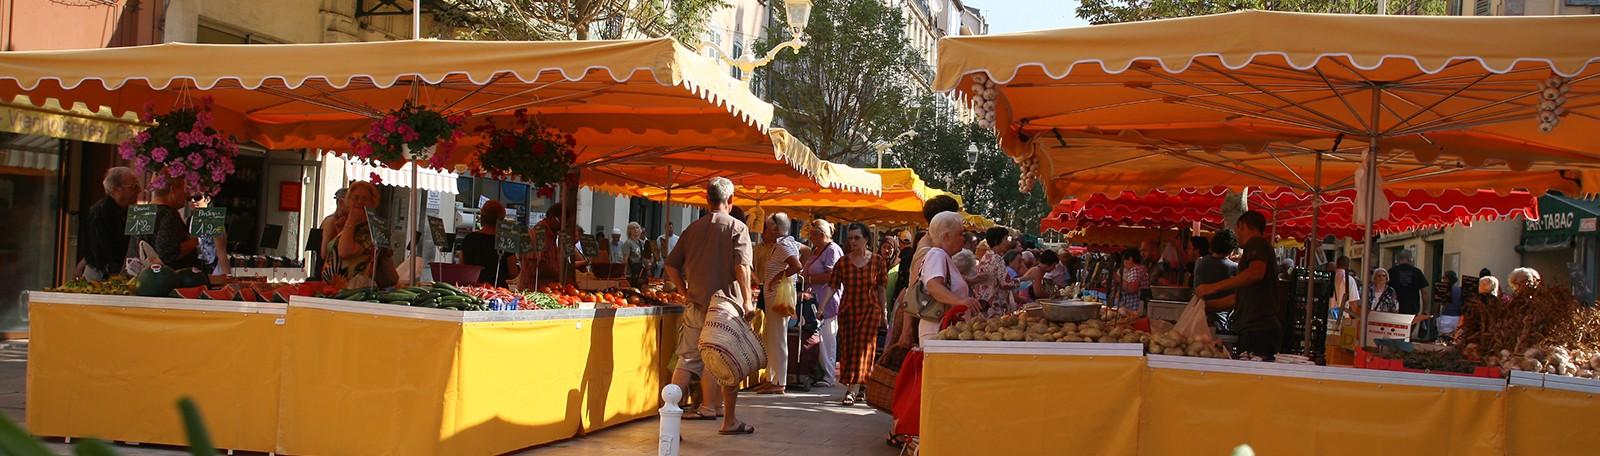 Car Park Toulon Cours Lafayette Market